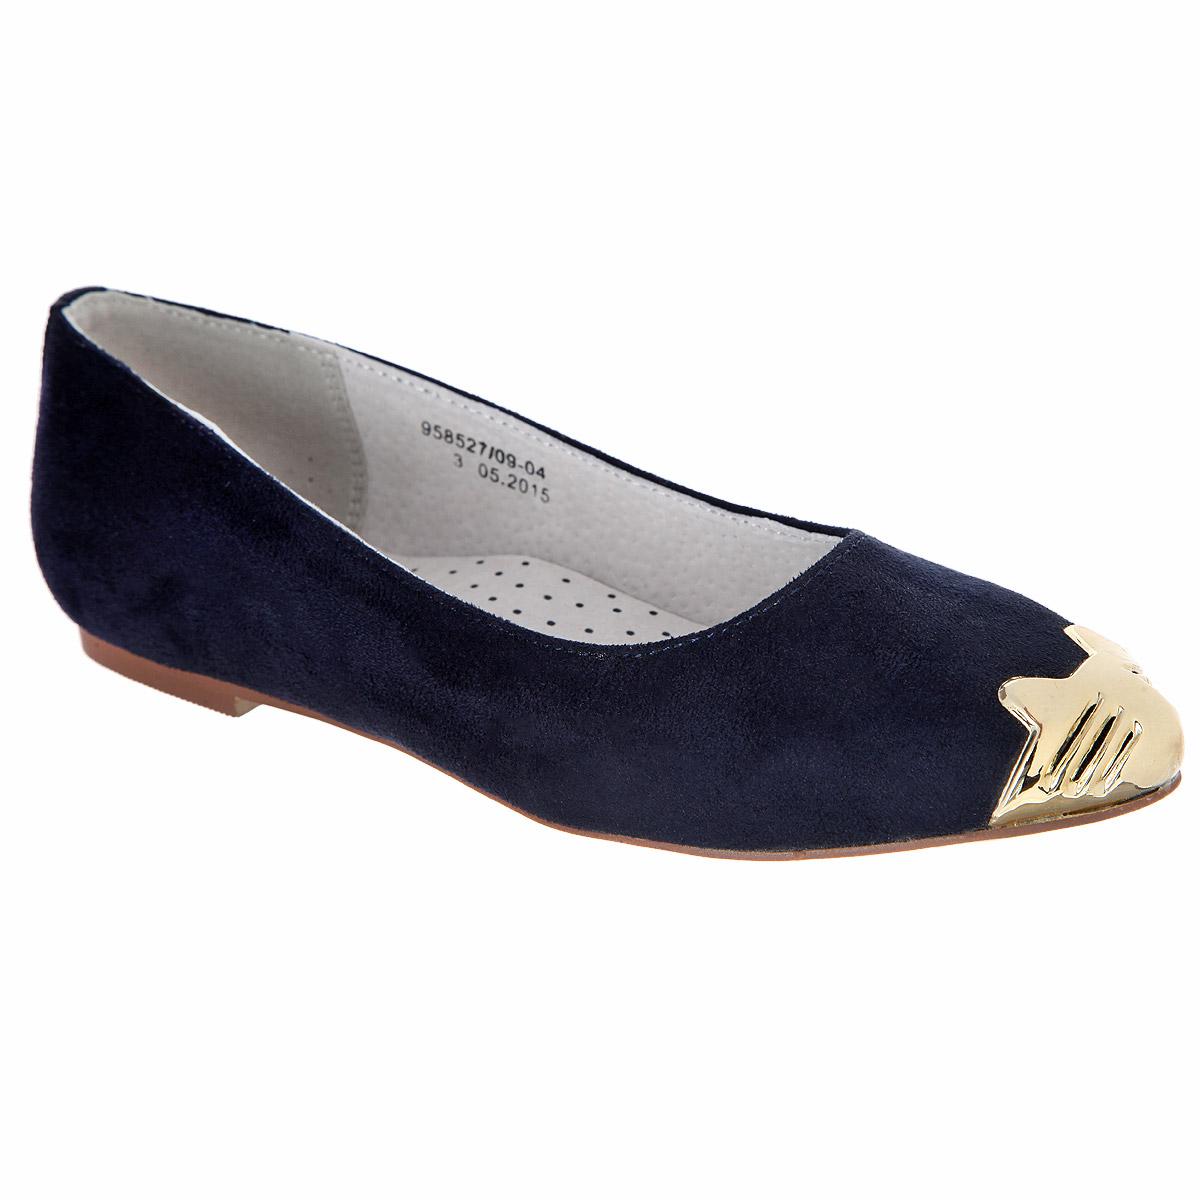 Туфли для девочки. 958527/09-04